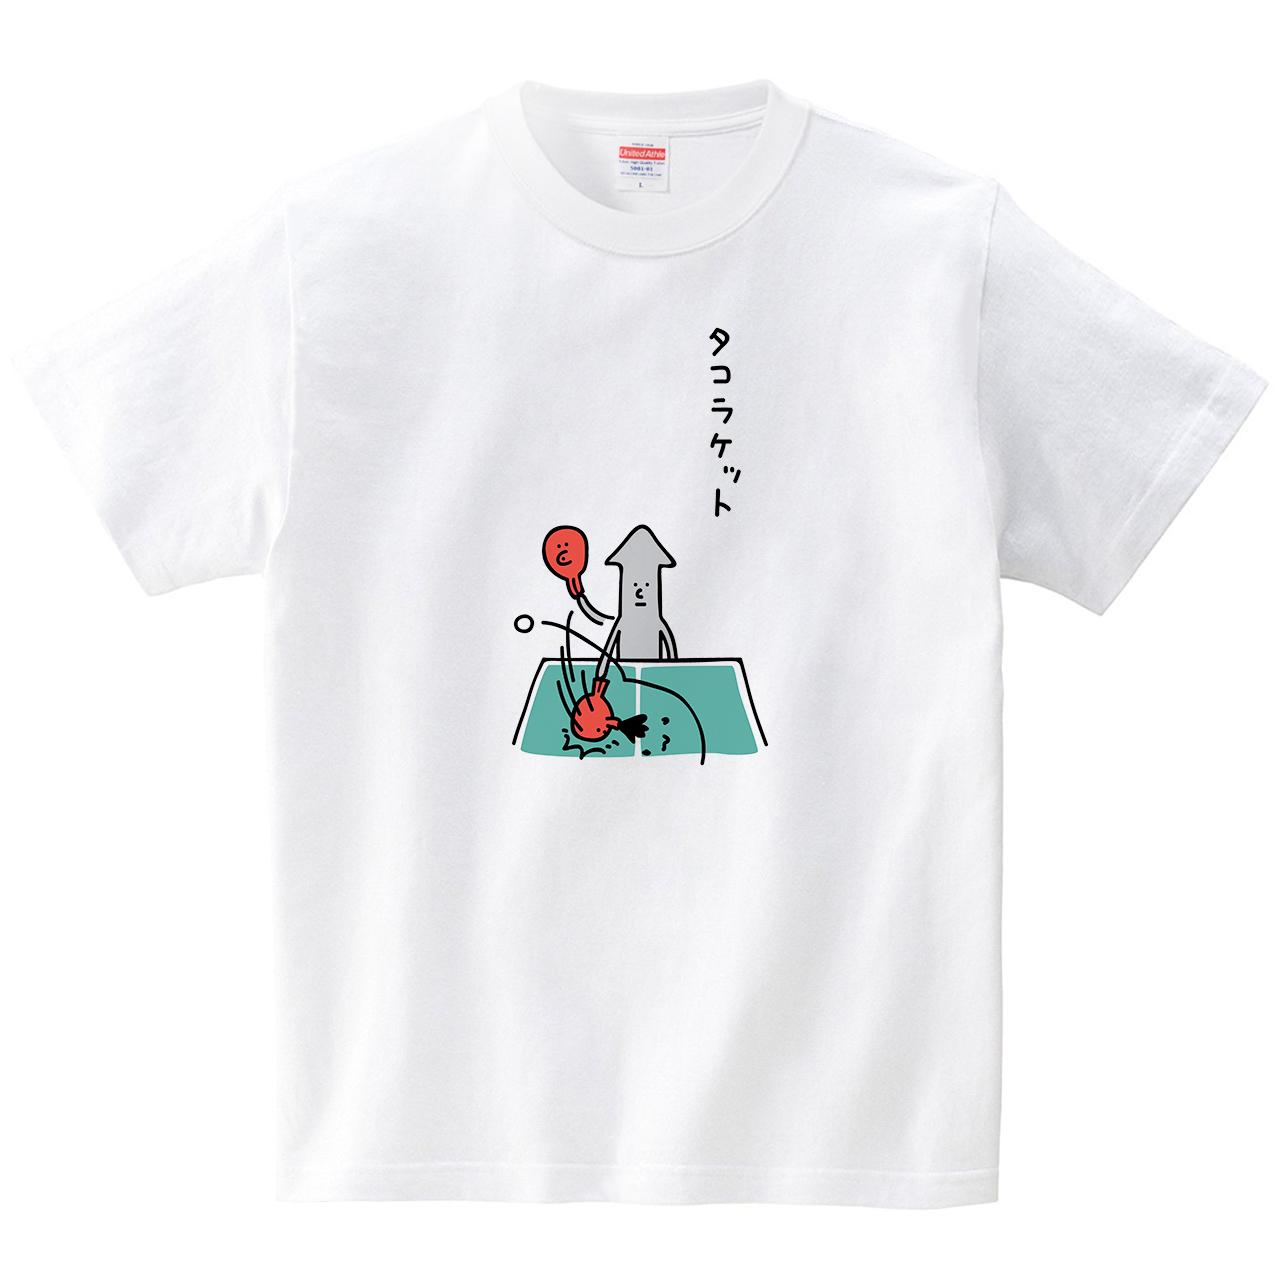 卓球のタコラケット(Tシャツ・ホワイト)(オワリ)